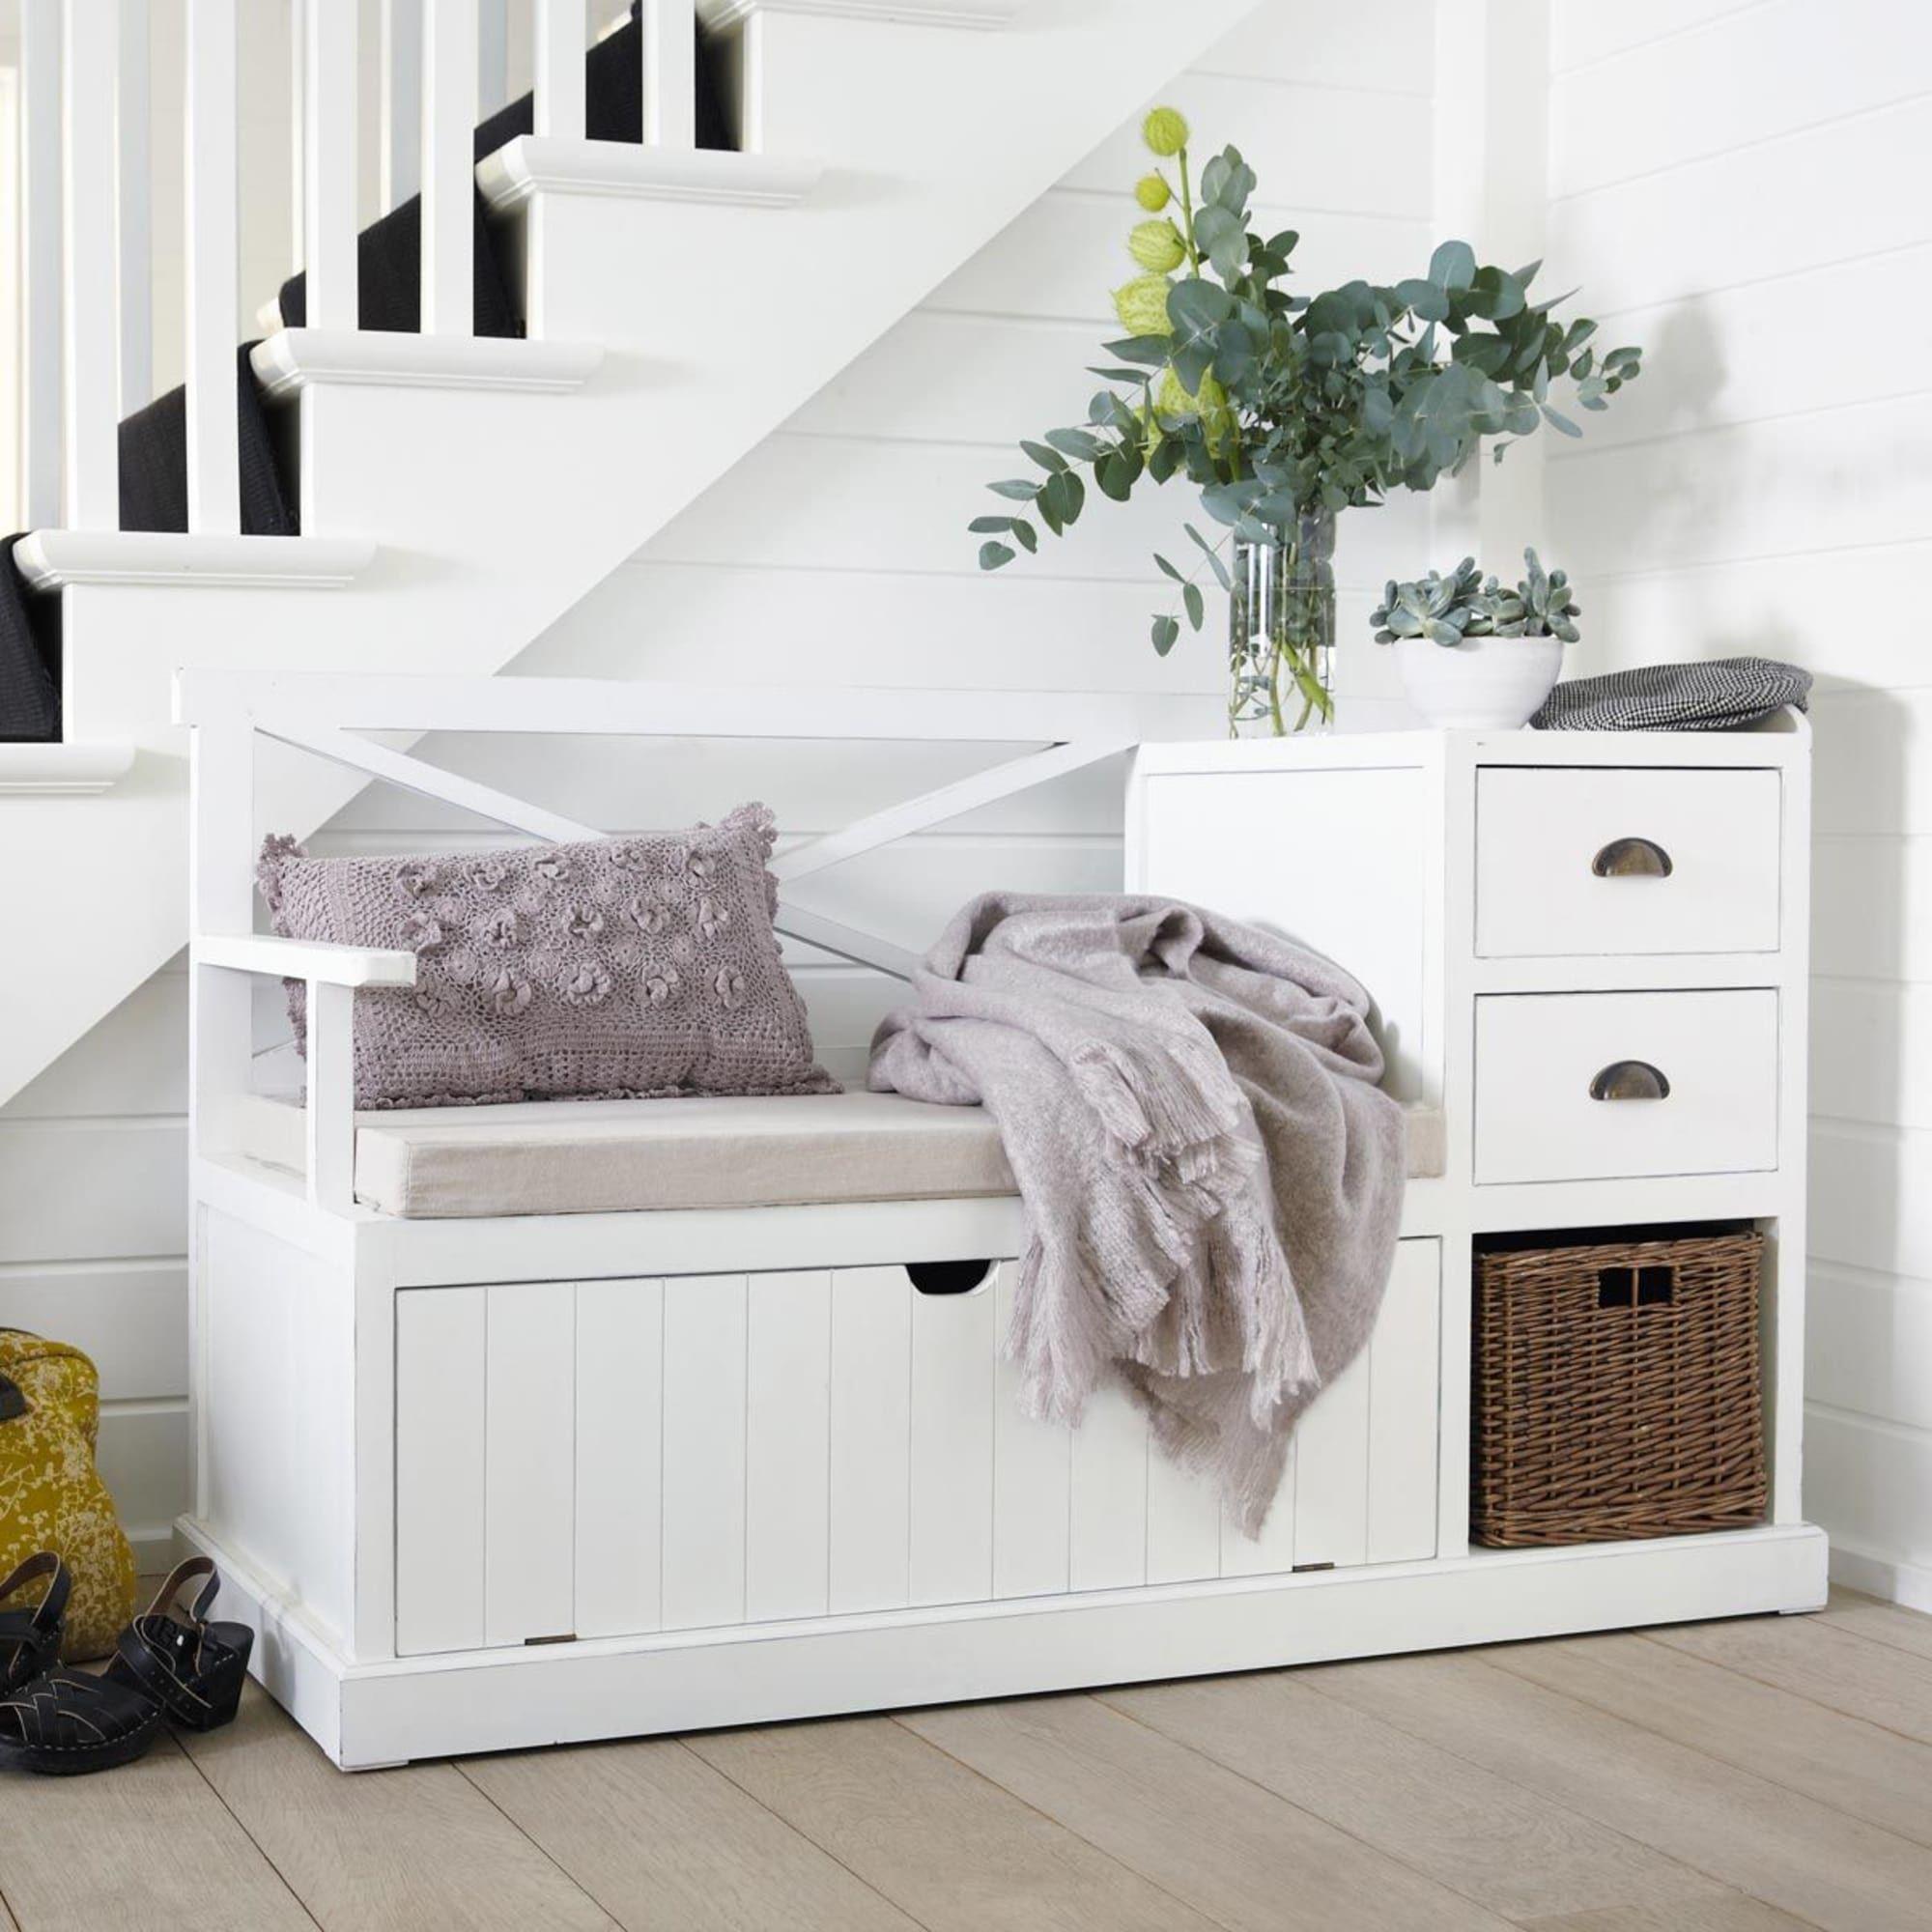 Meuble D Entree Blanc Freeport Maisons Du Monde Meuble Entree Entree Ikea Meuble Entree Ikea